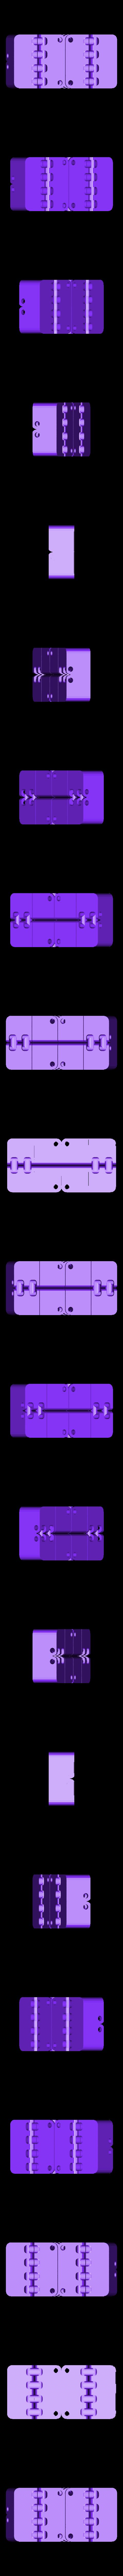 Kobayashi_Cube_Middle.STL Télécharger fichier STL gratuit Multi-Color Kobayashi Cube • Modèle pour imprimante 3D, MosaicManufacturing